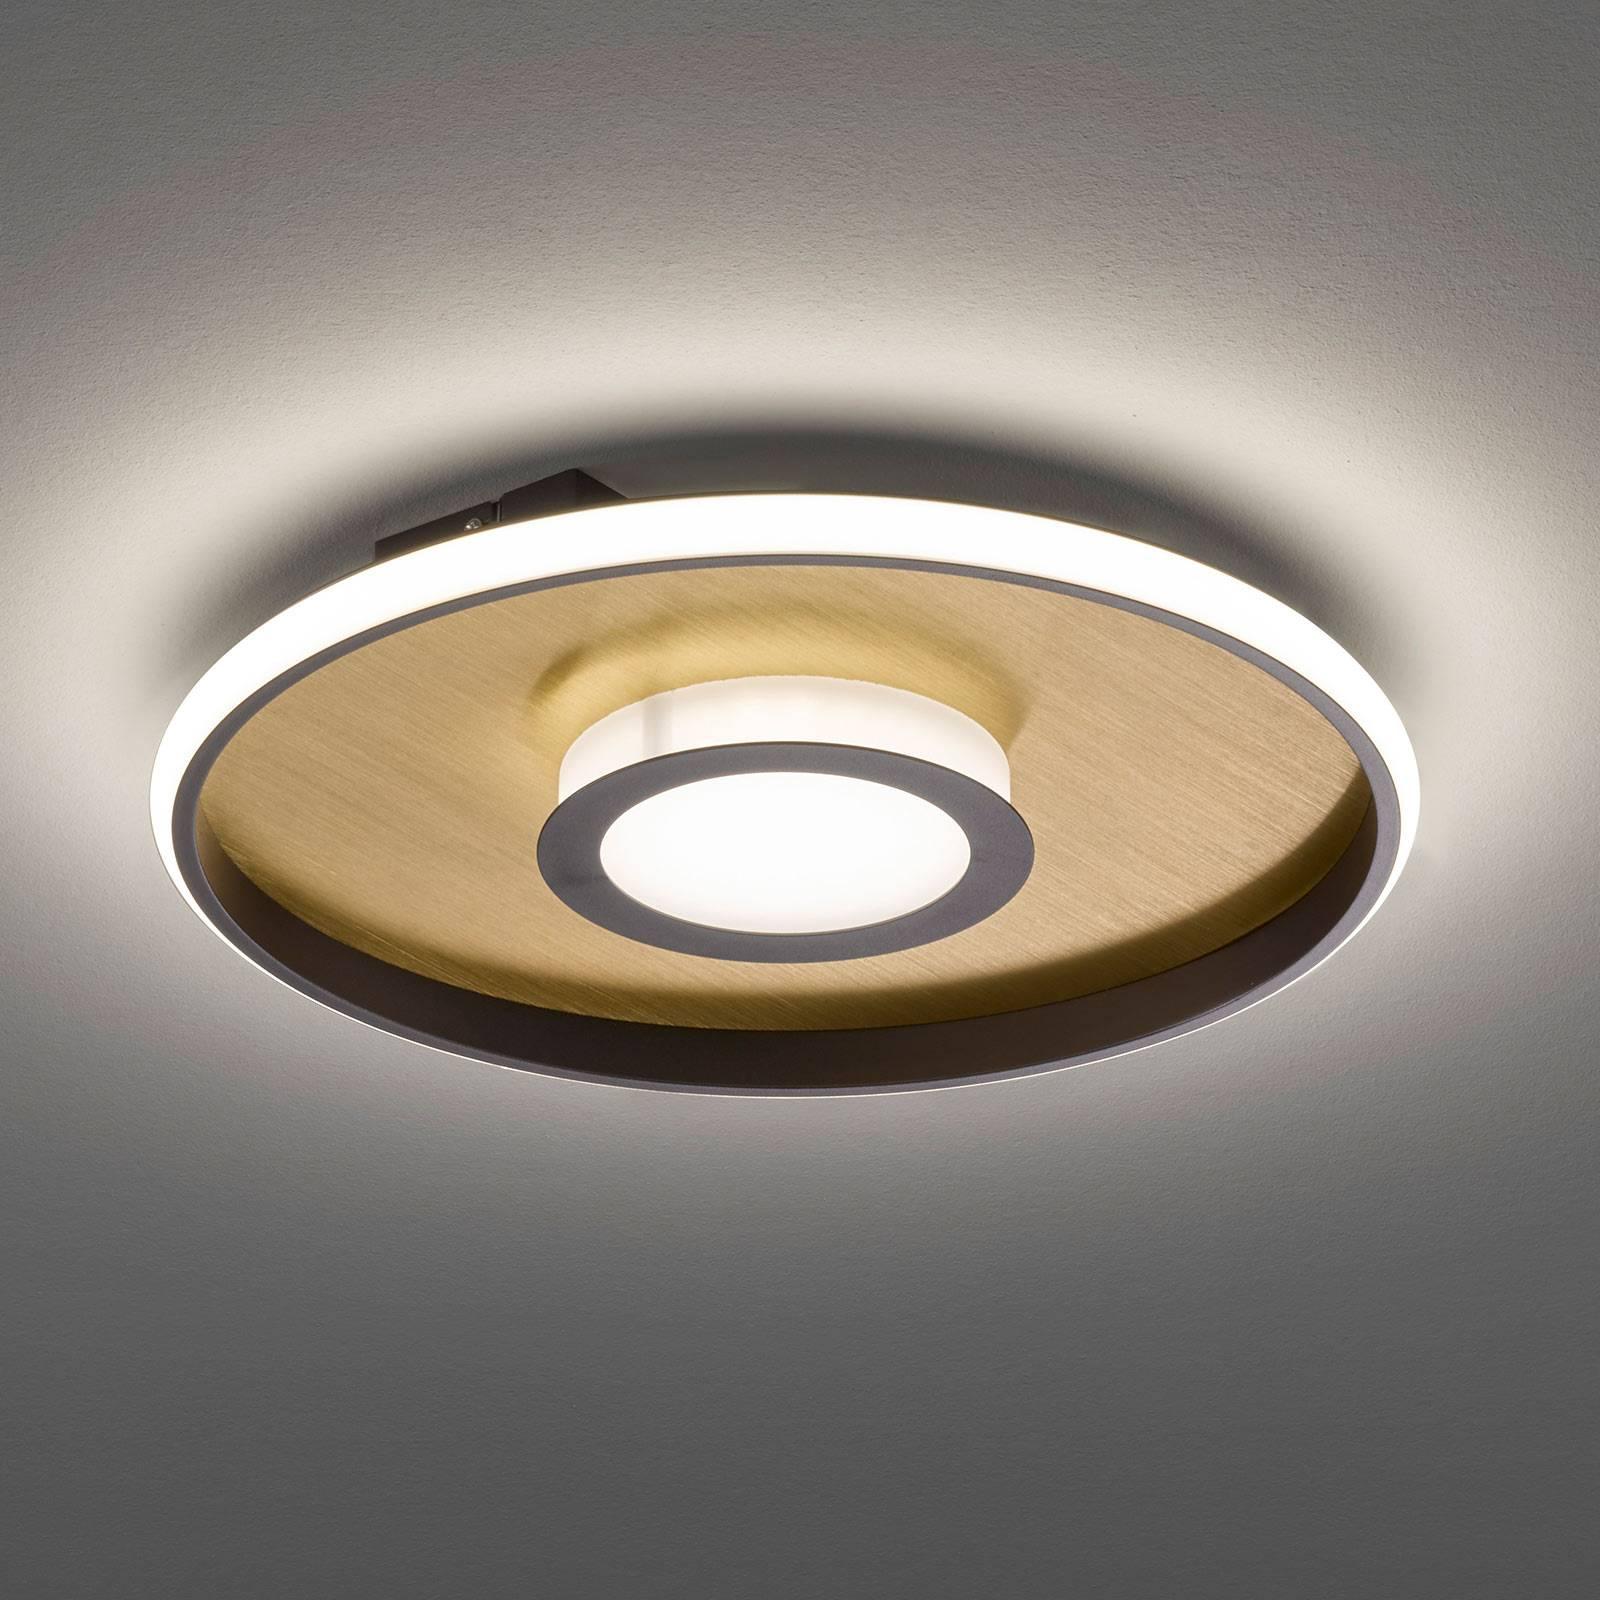 LED-kattovalaisin Zoe, pyöreä, kulta-ruoste, 45 cm